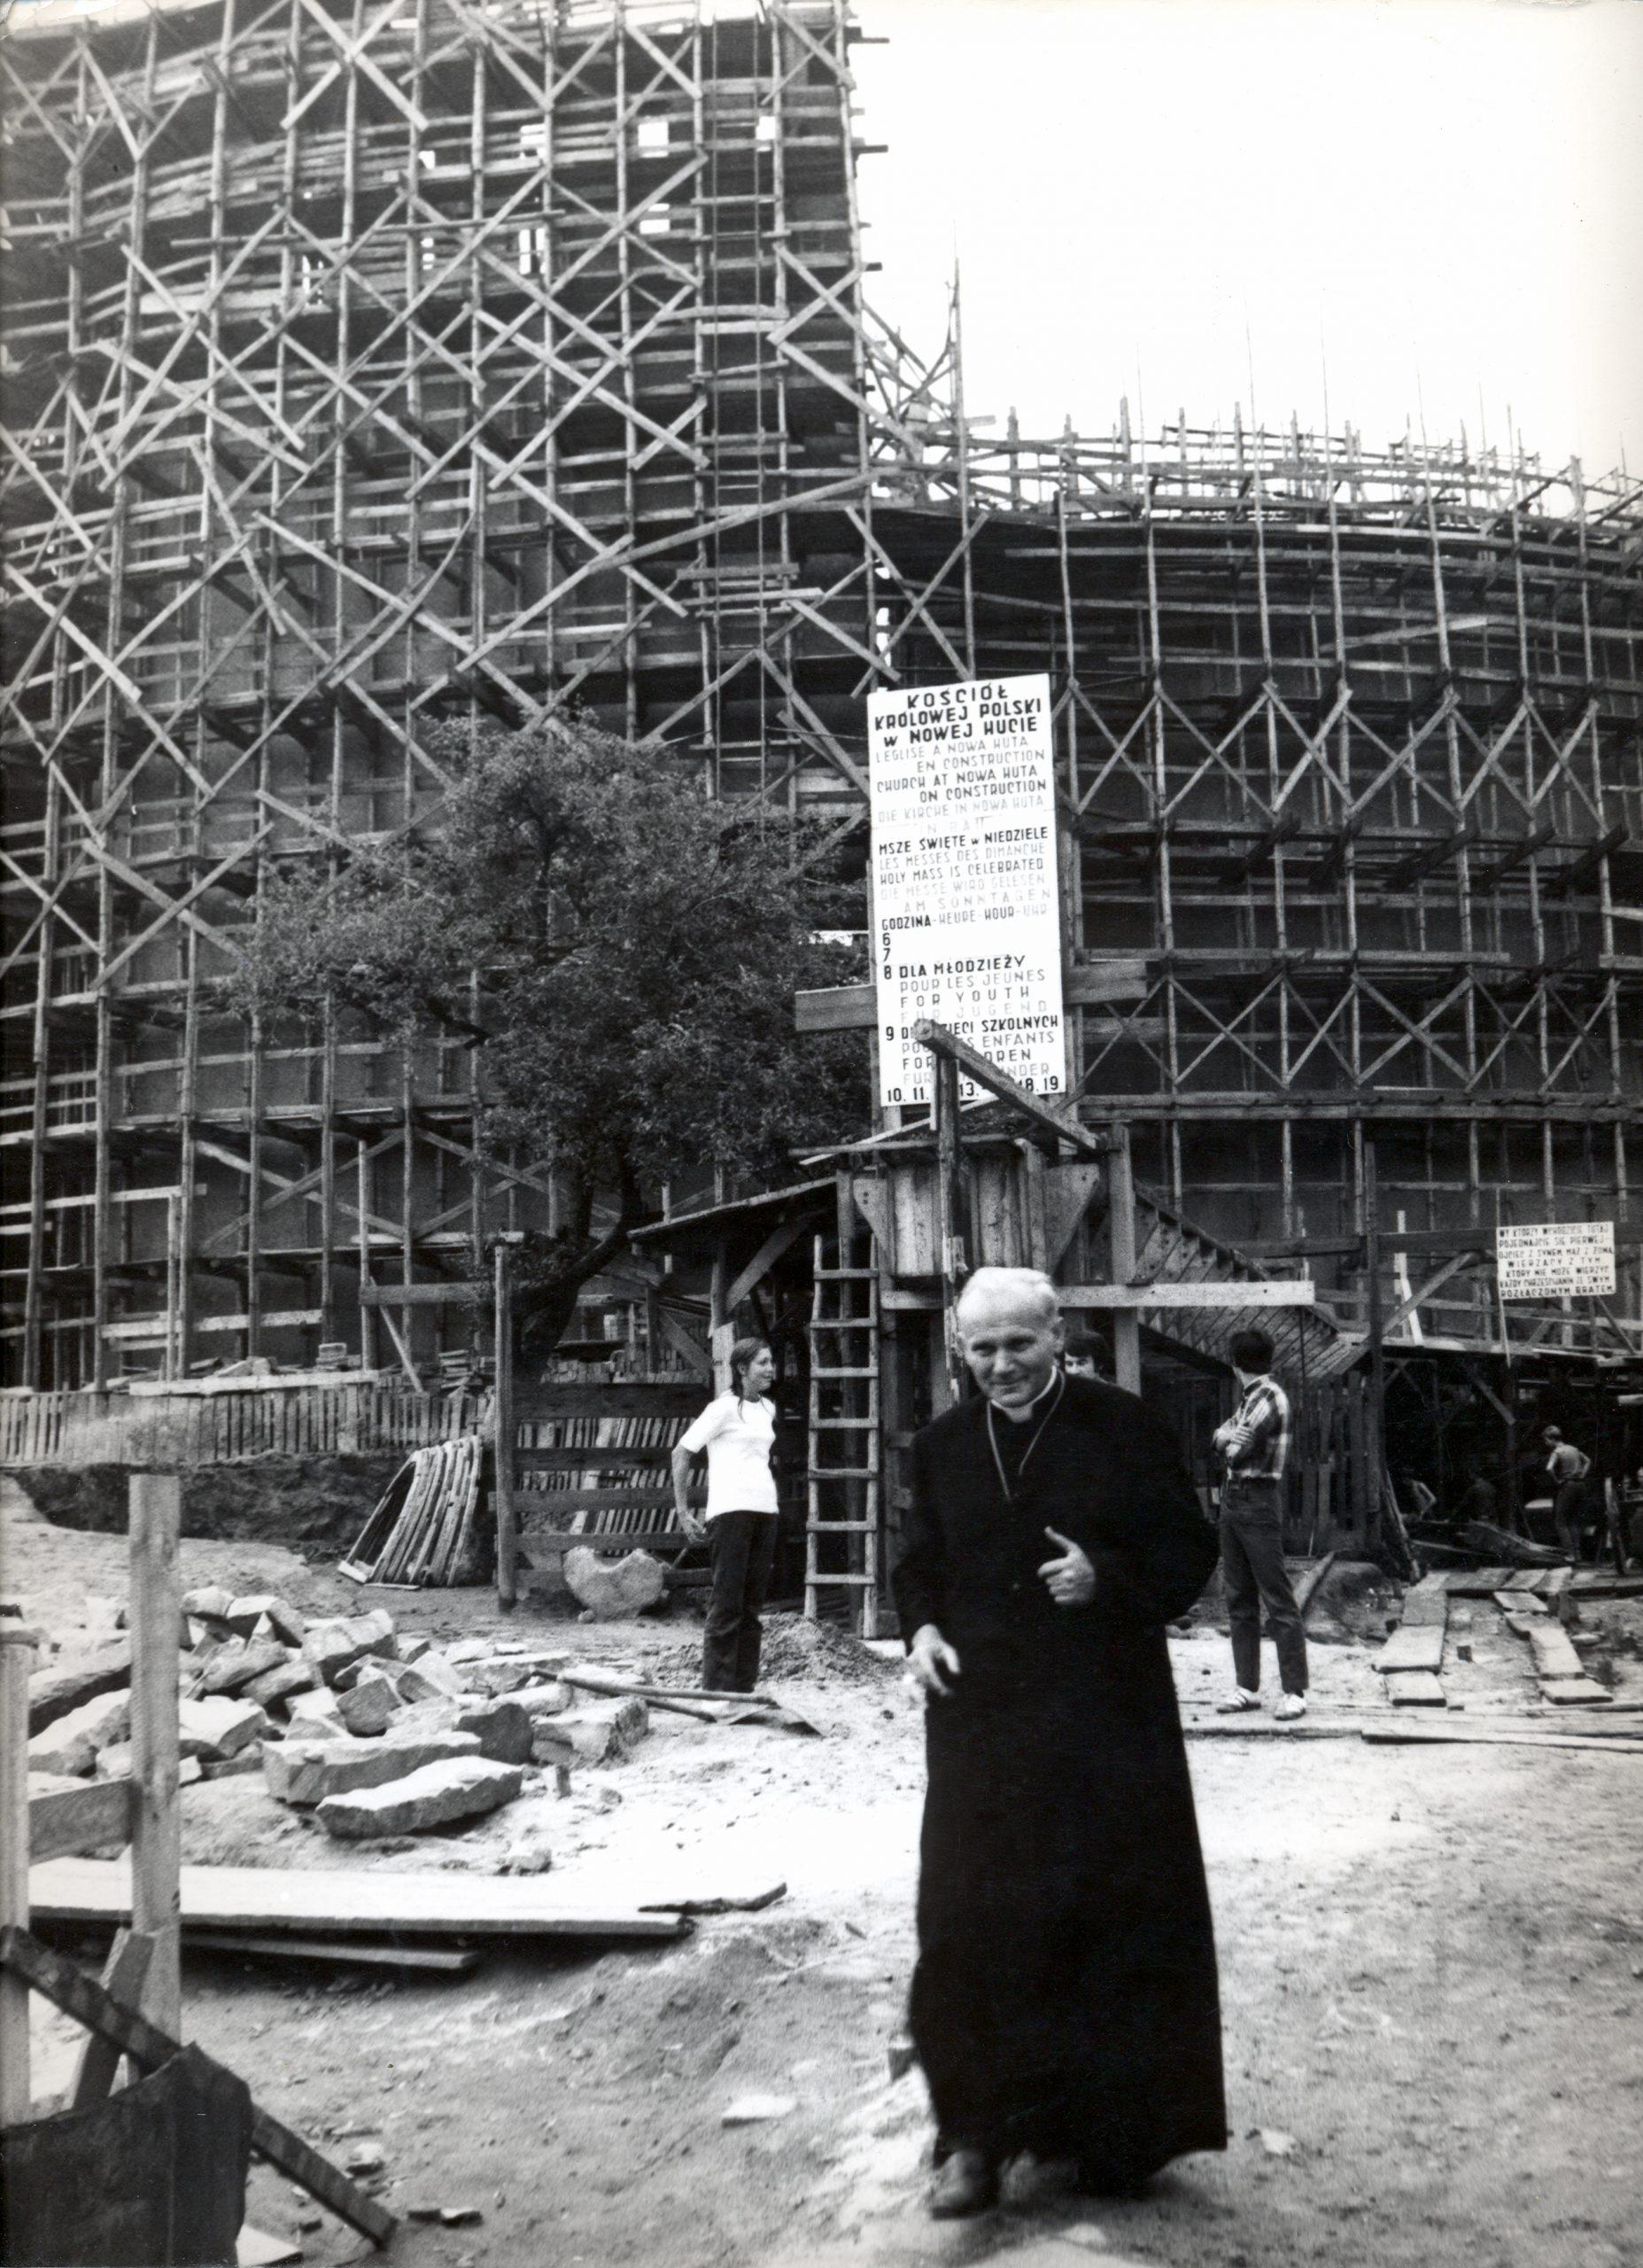 Centenario del nacimiento de san Juan Pablo II – ACN da continuidad a su legado hasta el día de hoy.